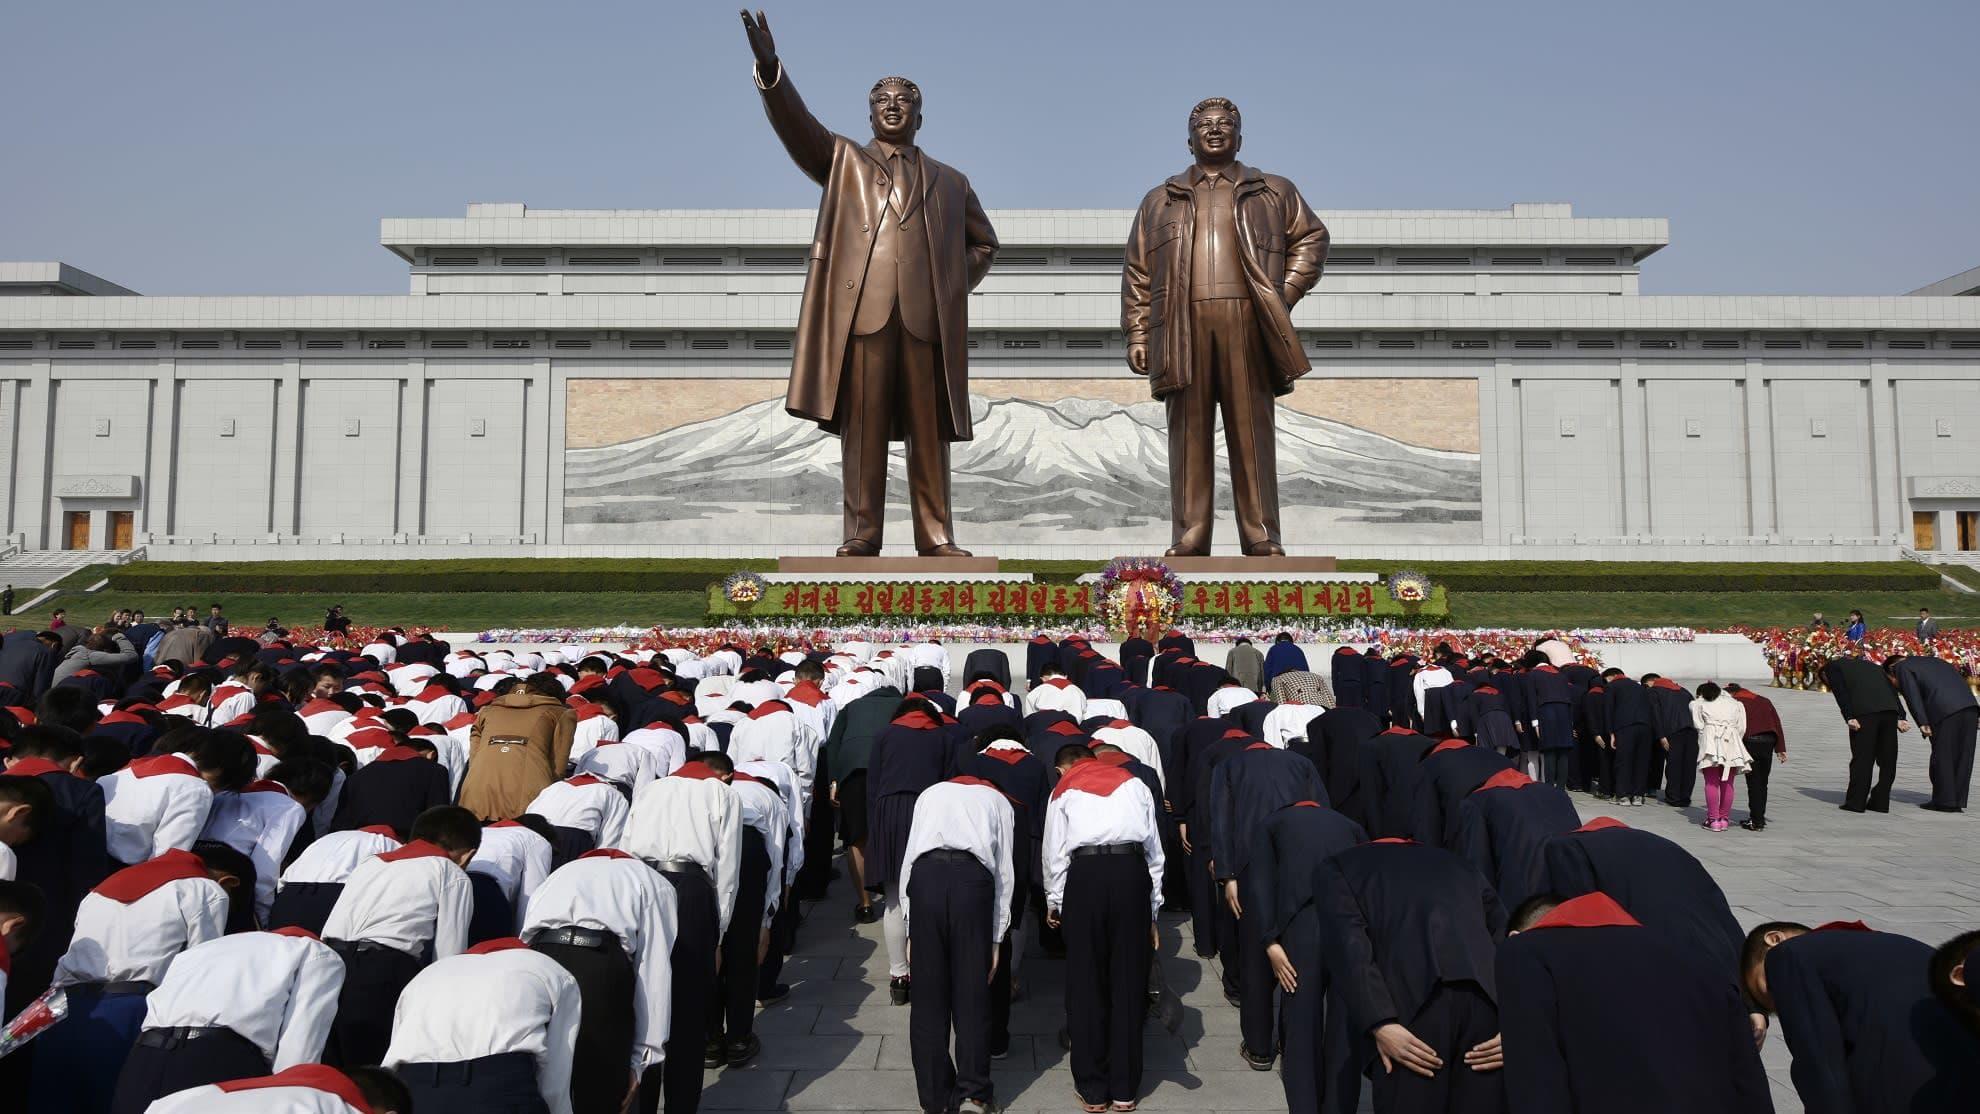 Vuonna 2016 julkaistussa kuvassa koululapset osoittavat kunnioitusta maan aikaisempien johtajiien kunniaksi pystytetyille näköispatsaille  Pjongjangissa.